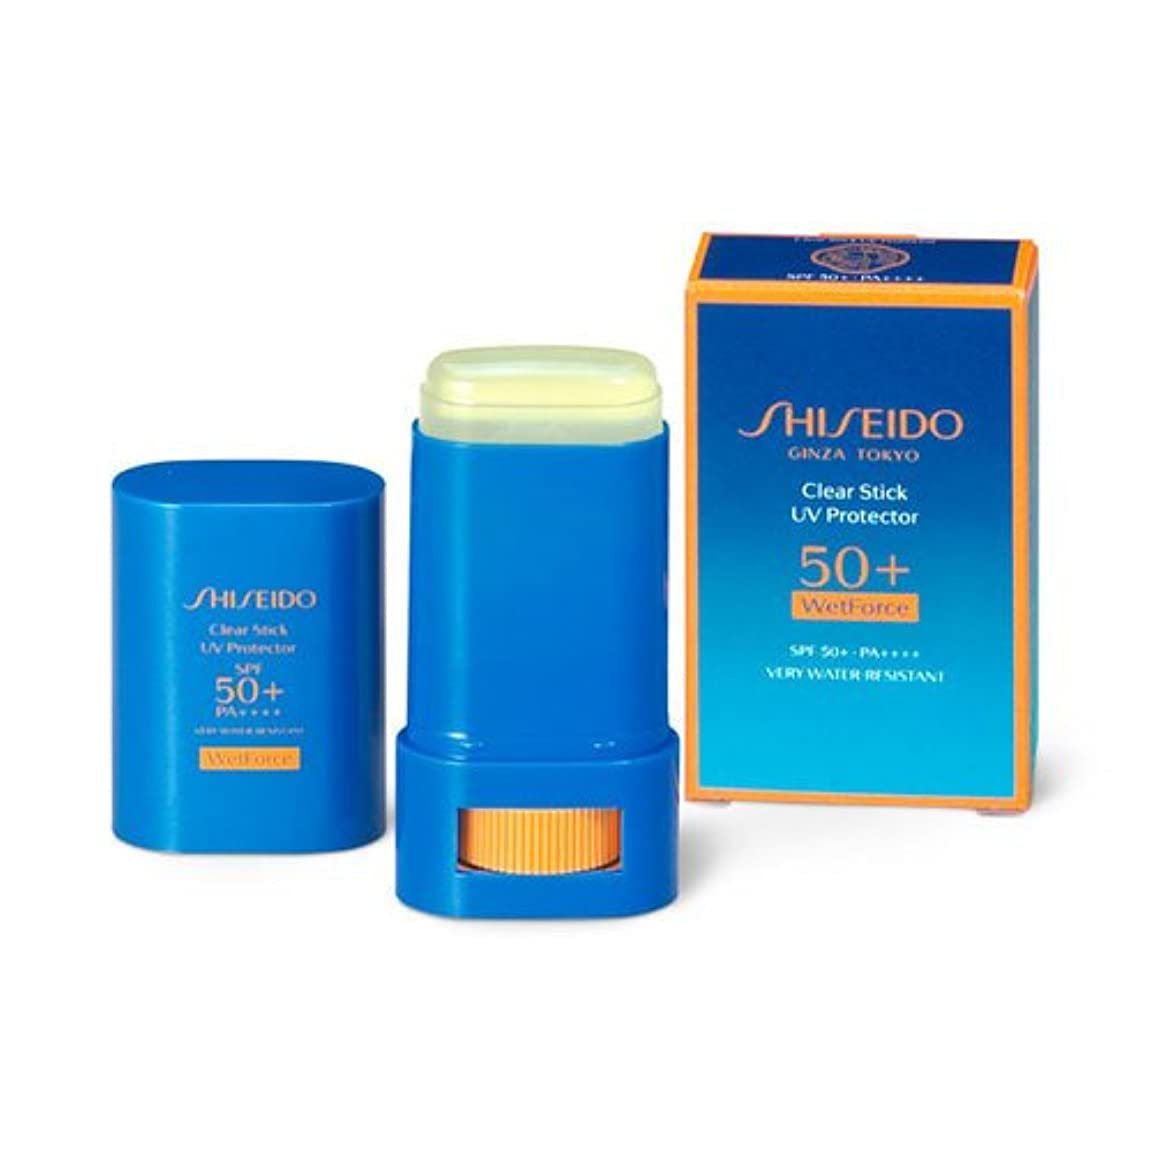 深さ胚通信網SHISEIDO Suncare(資生堂 サンケア) SHISEIDO(資生堂) クリアスティック UVプロテクター 15g